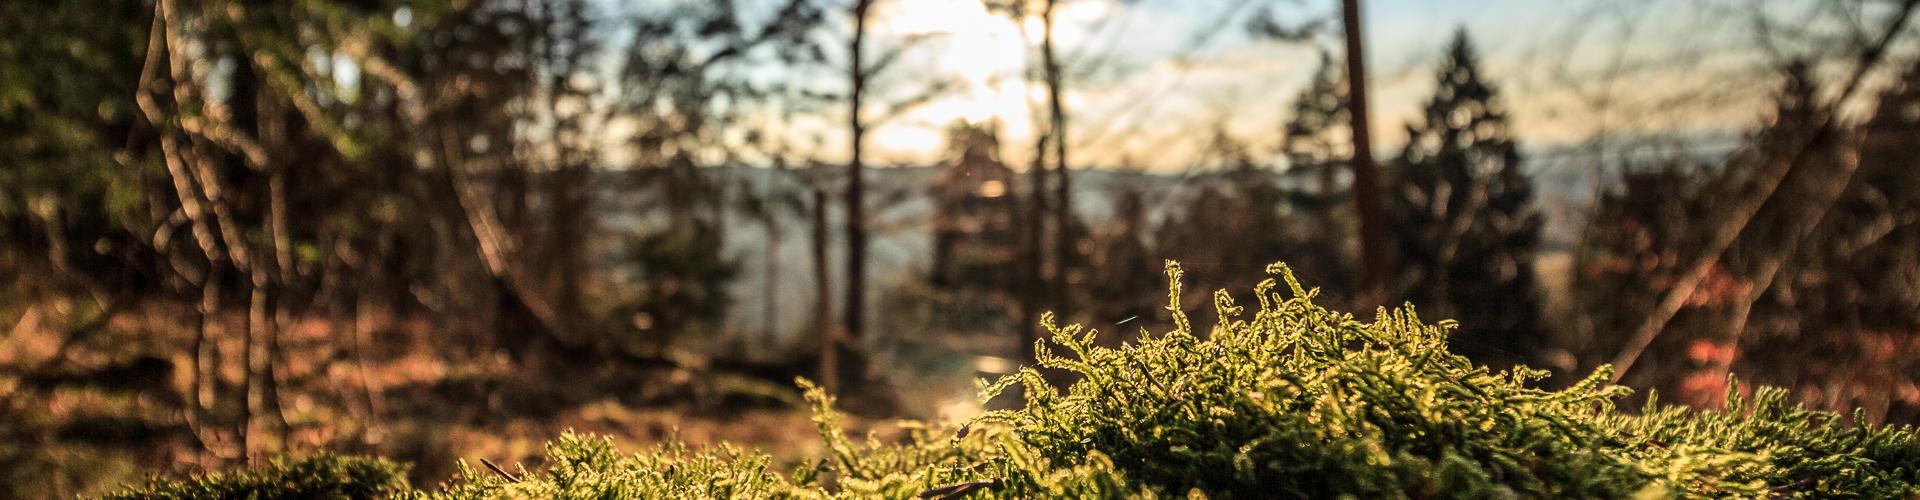 Grønn mose i solnedgangen